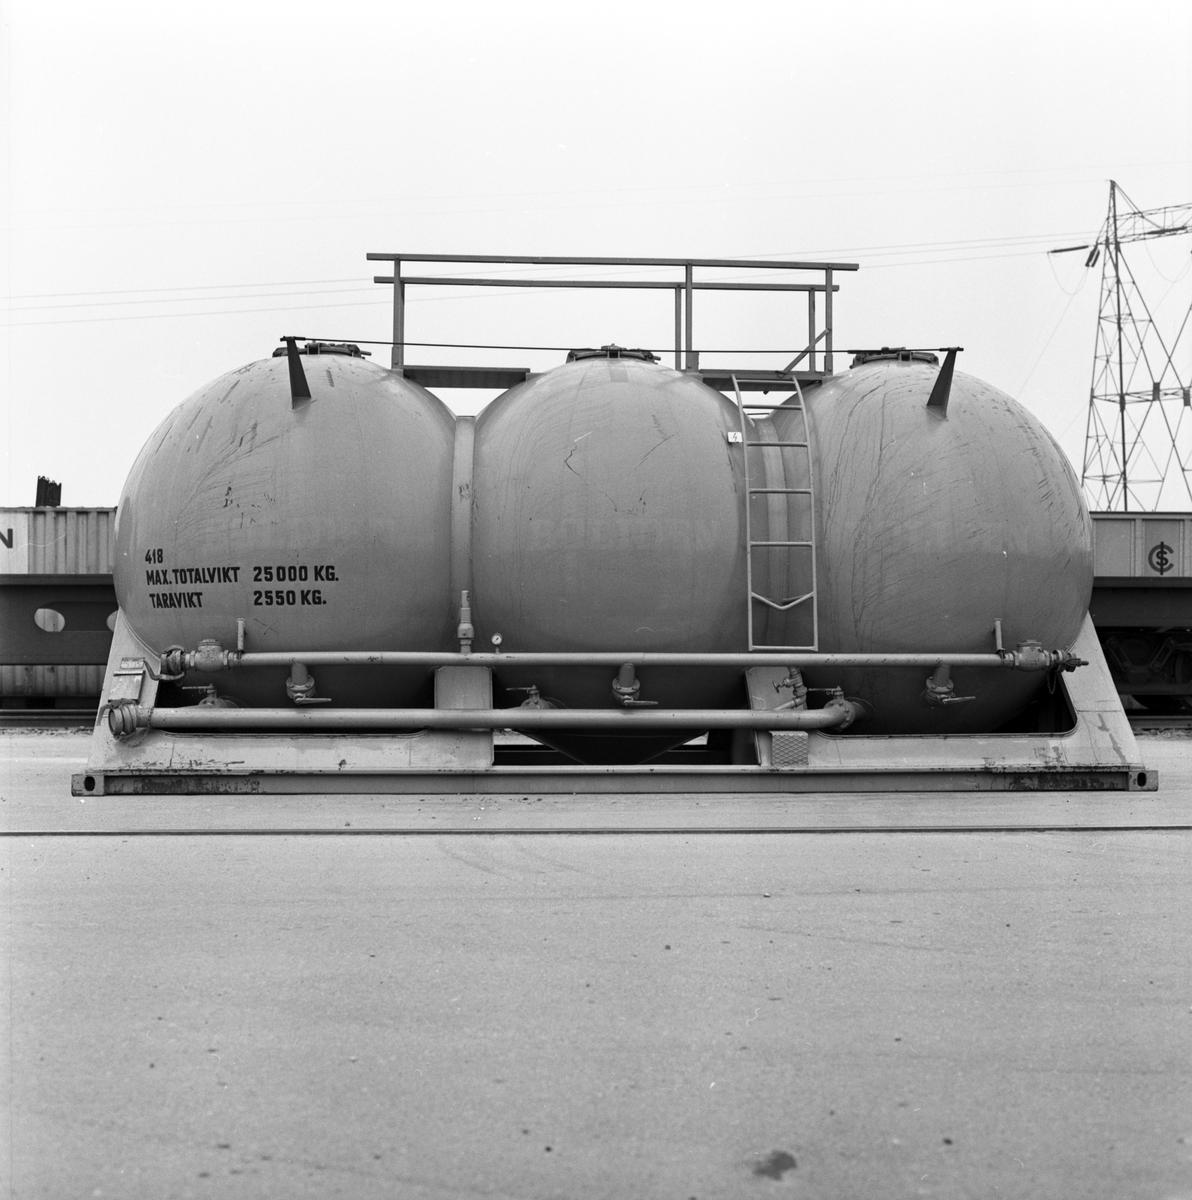 Pulvercontainer, Årstaterminalen